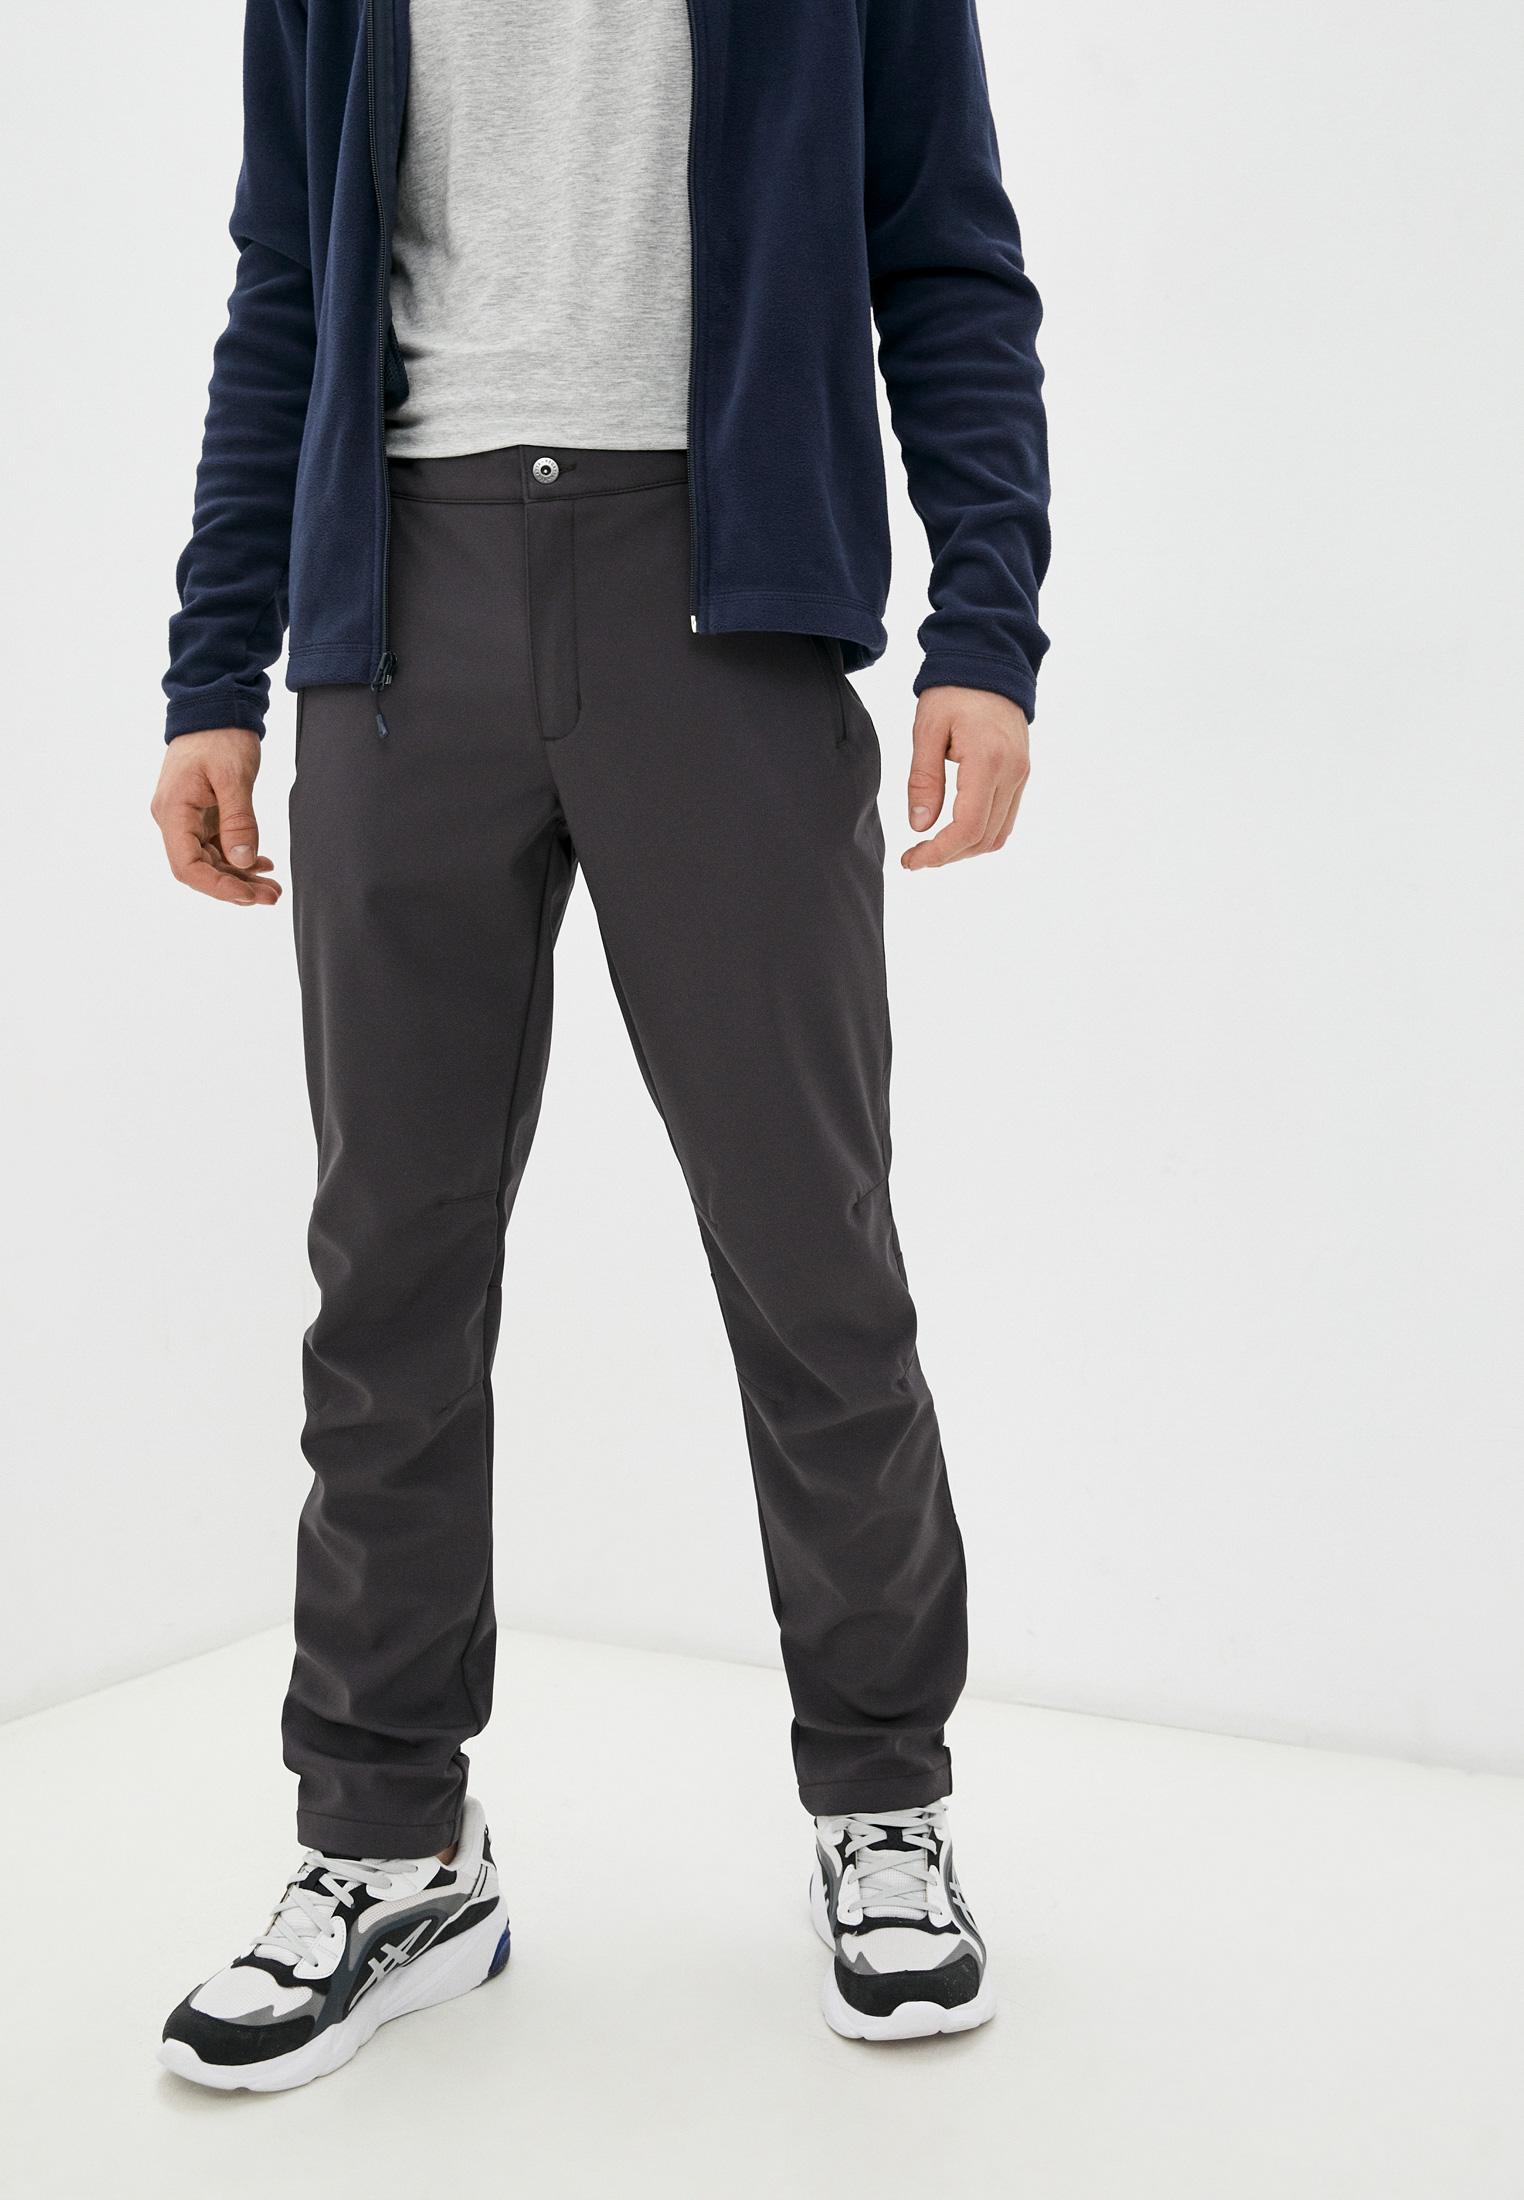 Мужские спортивные брюки REGATTA (Регатта) Брюки утепленные Regatta